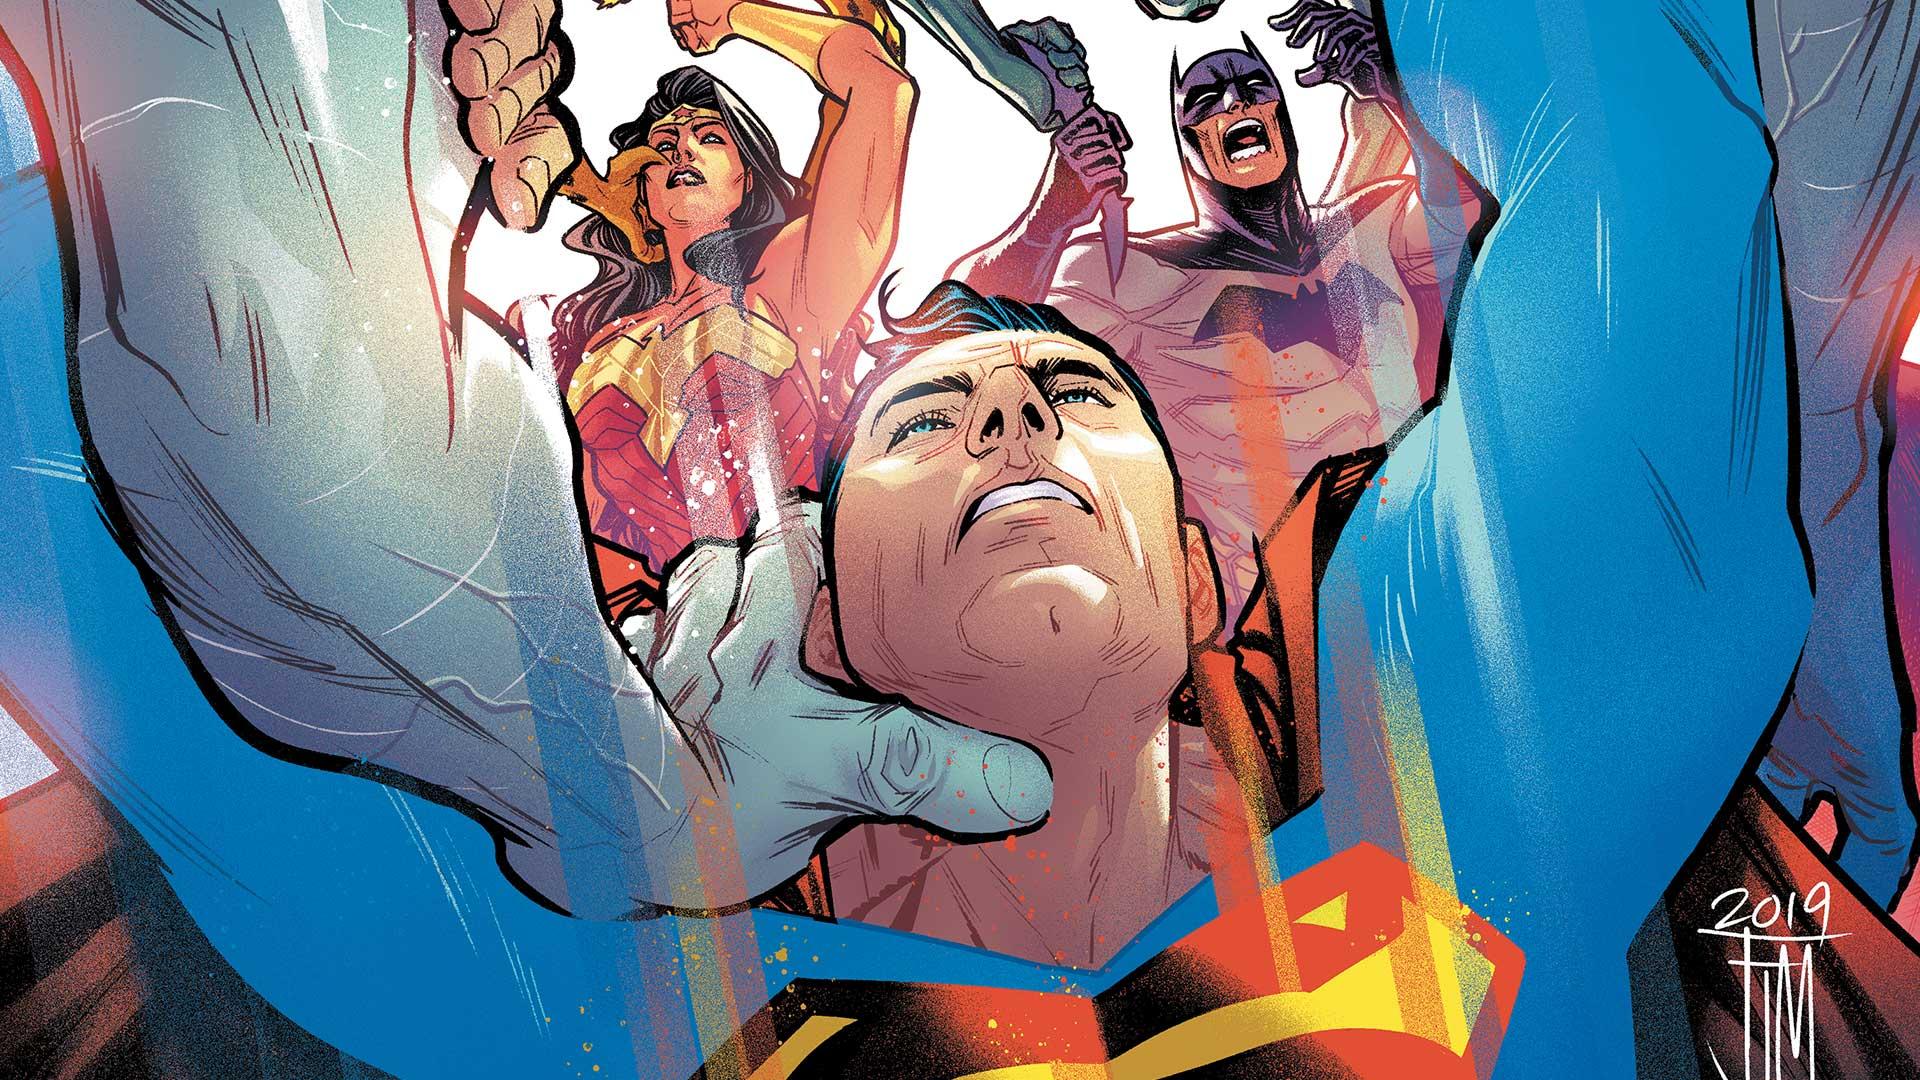 ComicsGallery_DC_20190828__JUSTL_Cv30_5d55e4254feca0.62925246.jpg